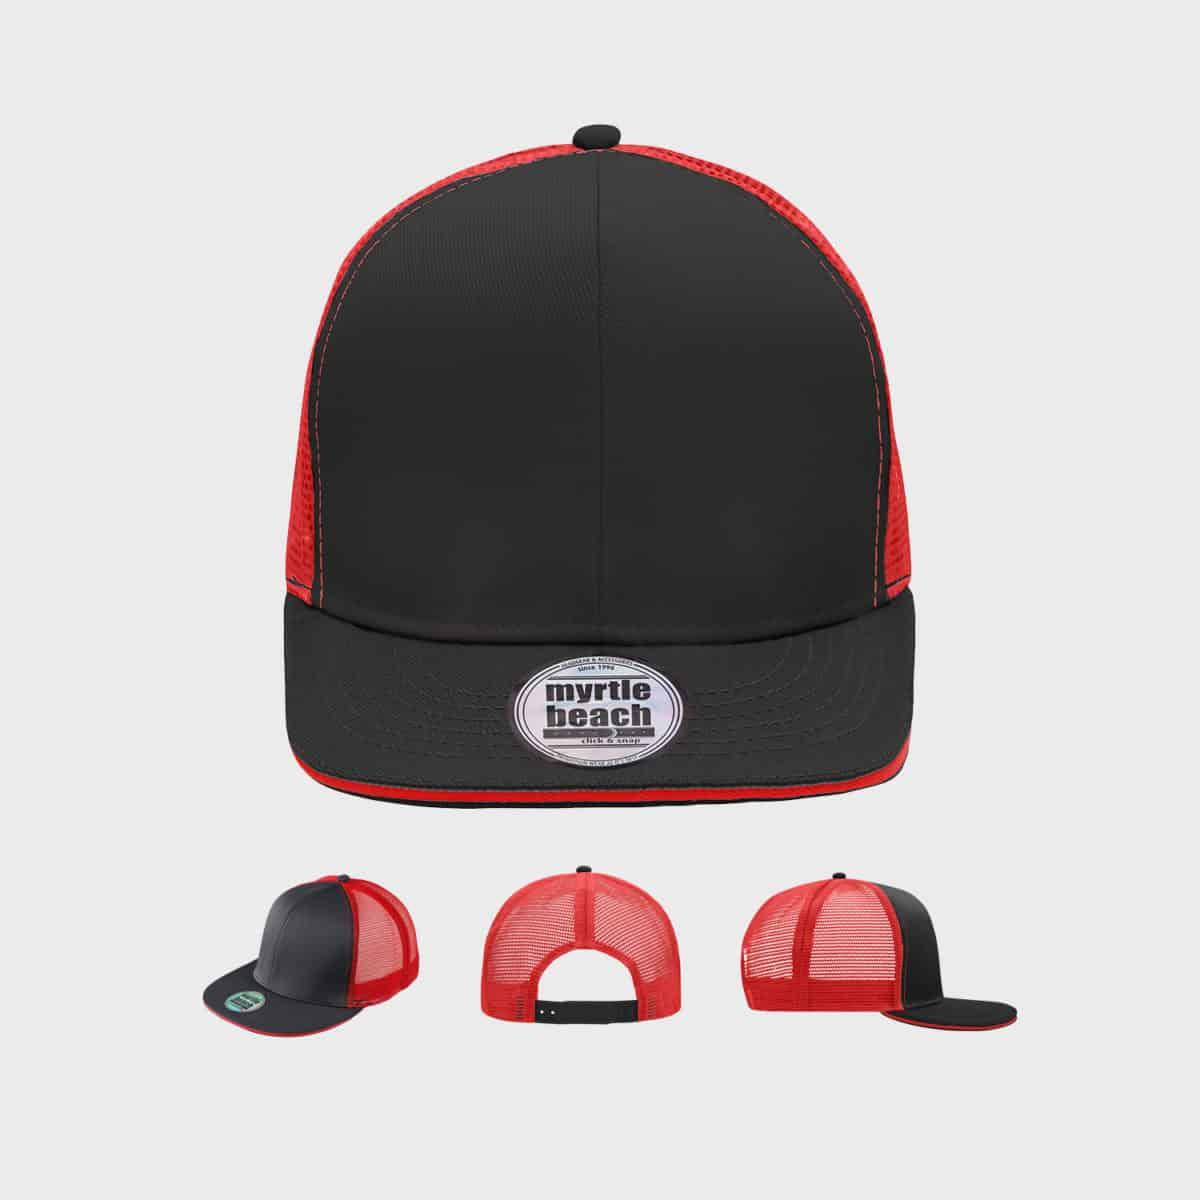 sandwich-mesh-6-panel-snapback-cap-black-red-kaufen-besticken_stickmanufaktur